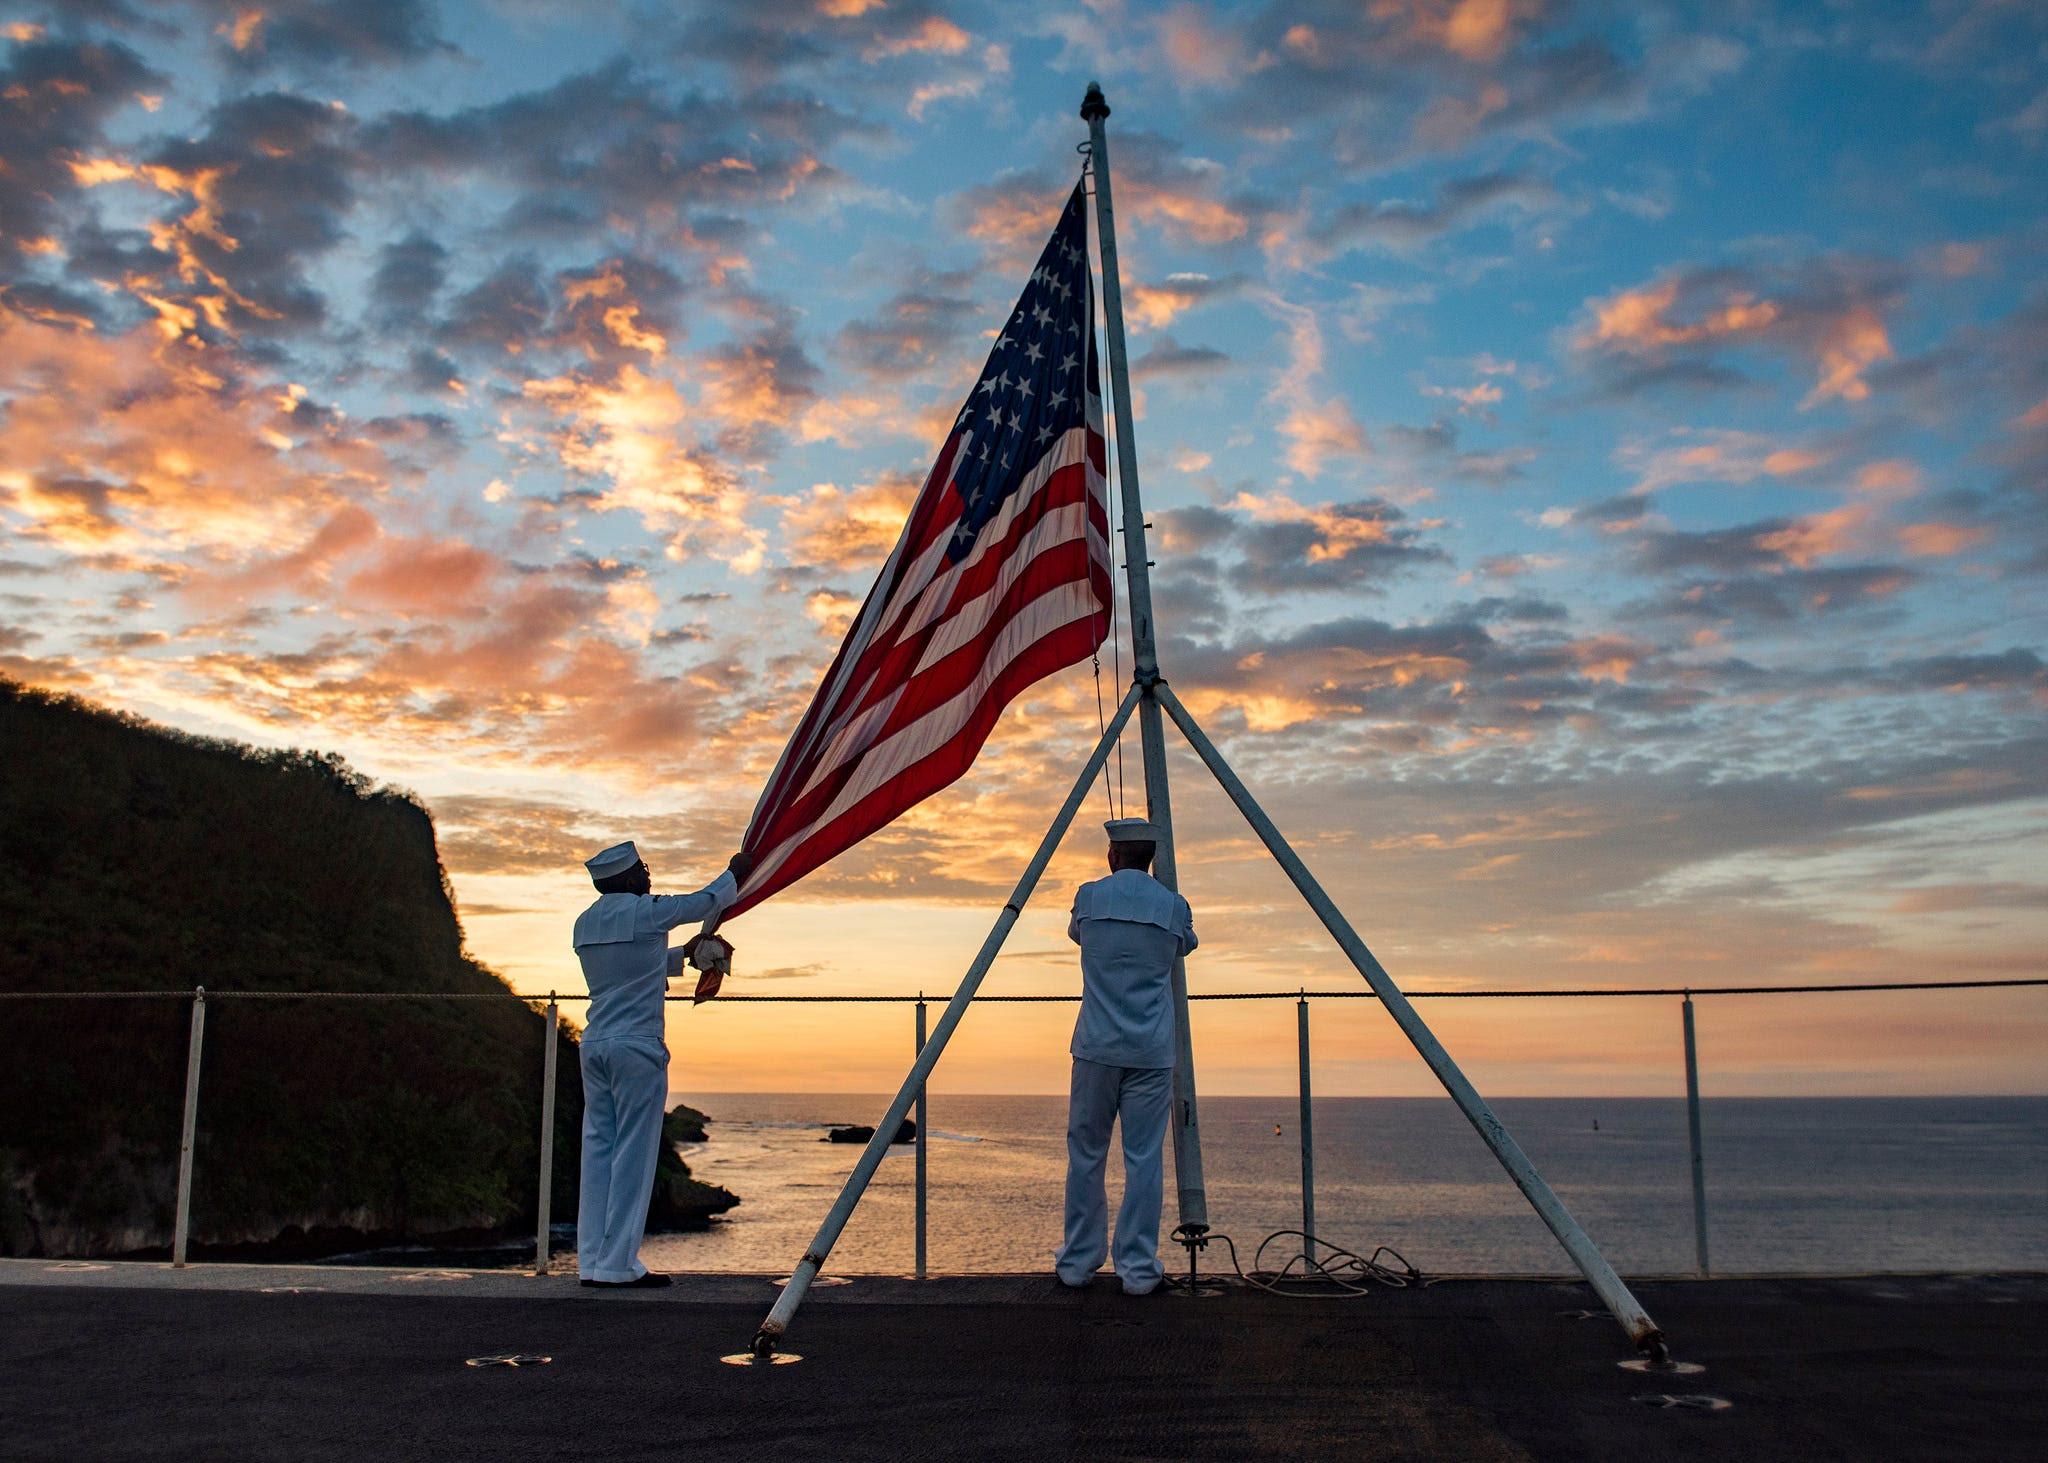 us navy guam